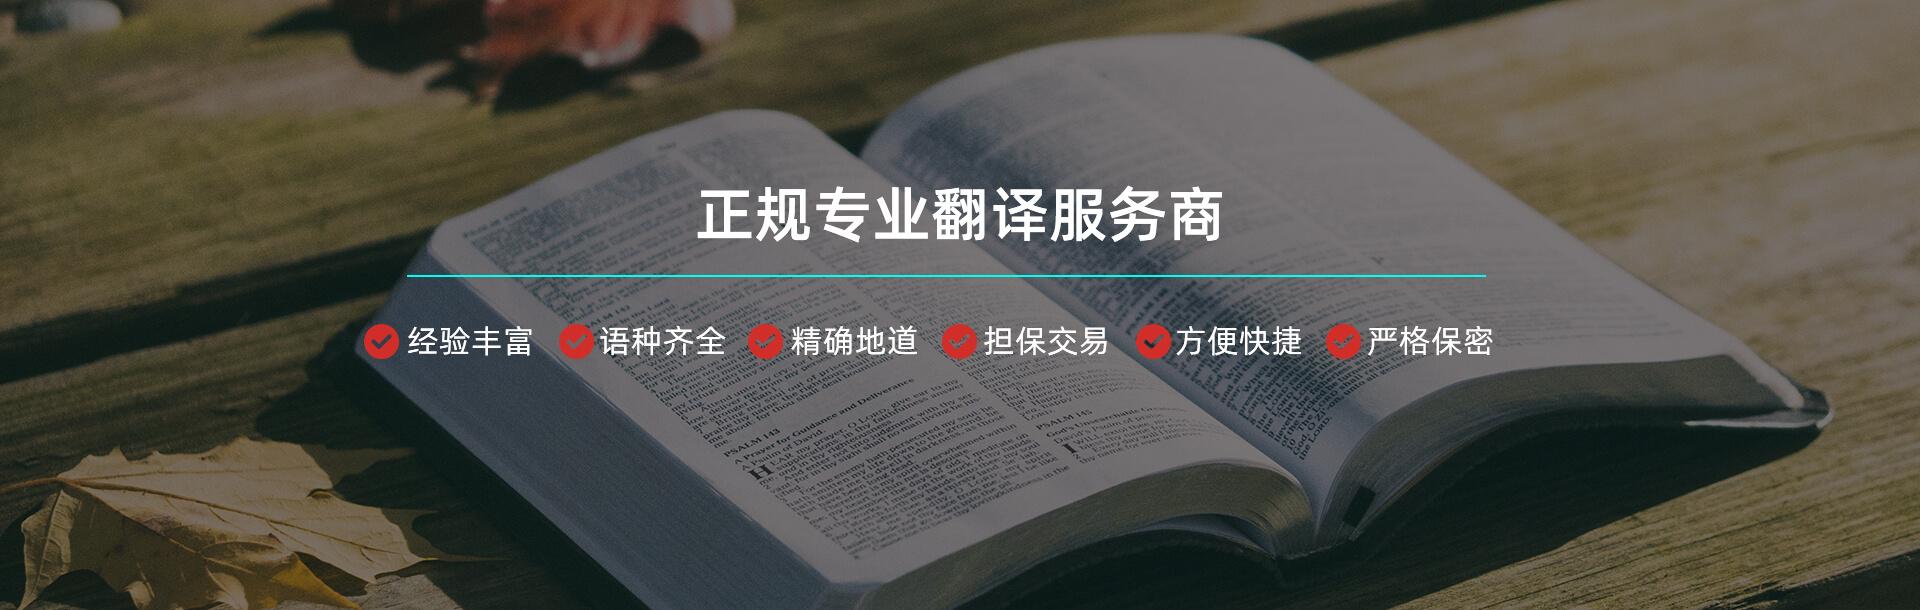 上海臻雲翻譯公司(si)